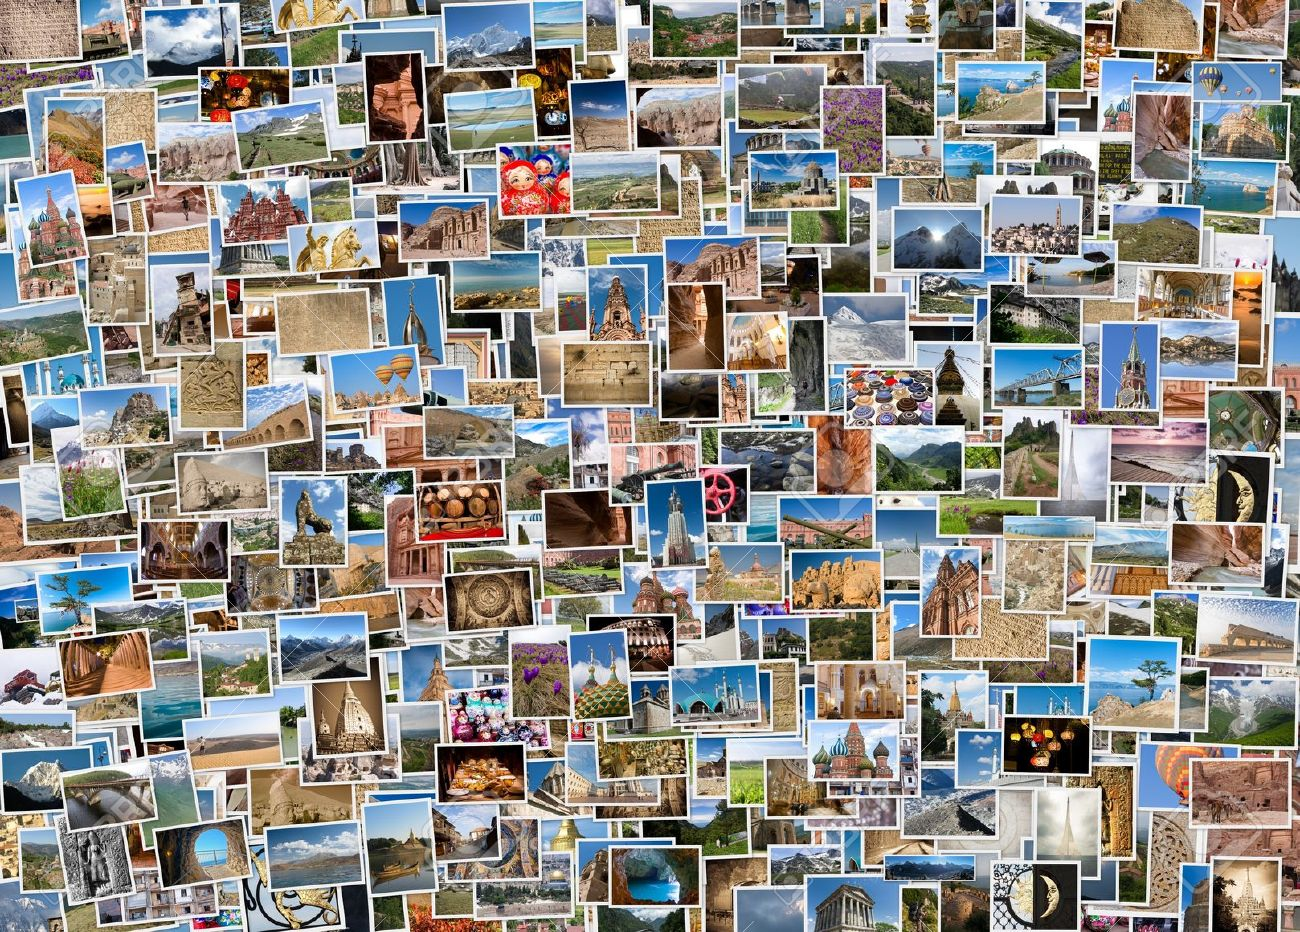 Foto collage gratis: le app migliori per crearli online